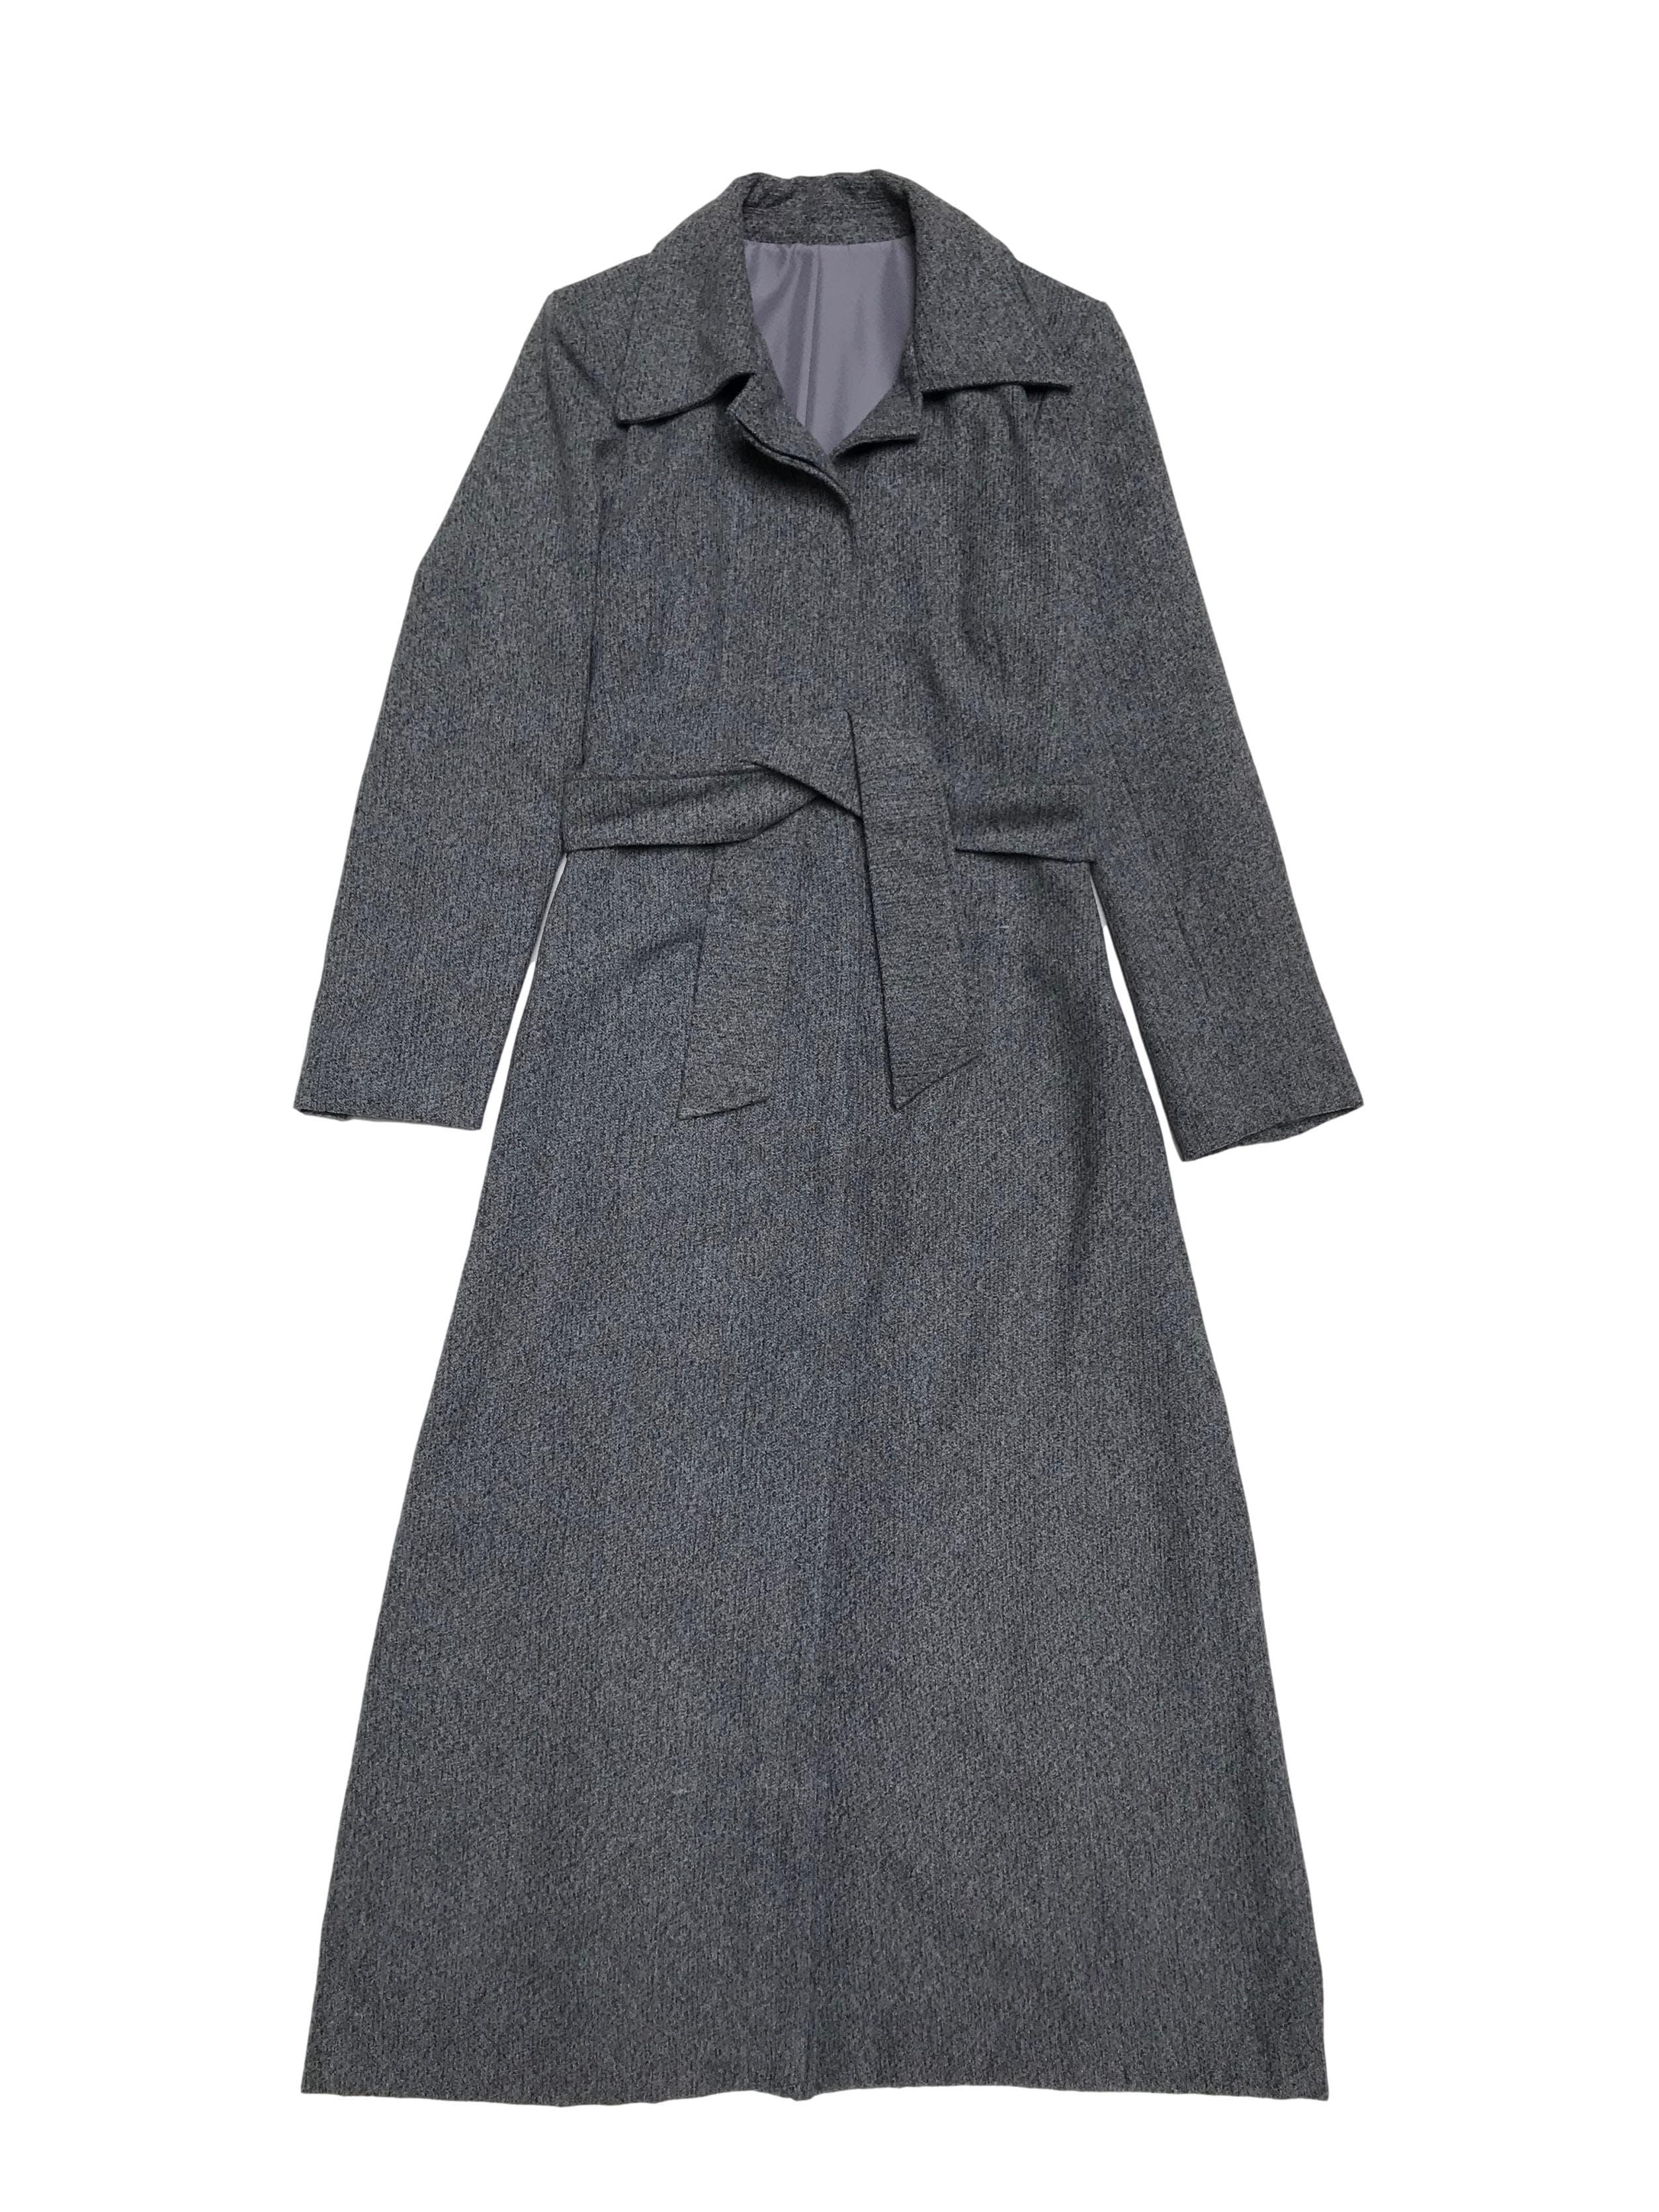 Abrigo largo tipo lanilla gris con fila de botones y cinto, corte en A con abertura posterior en la basta. Busto 94cm Largo 125cm